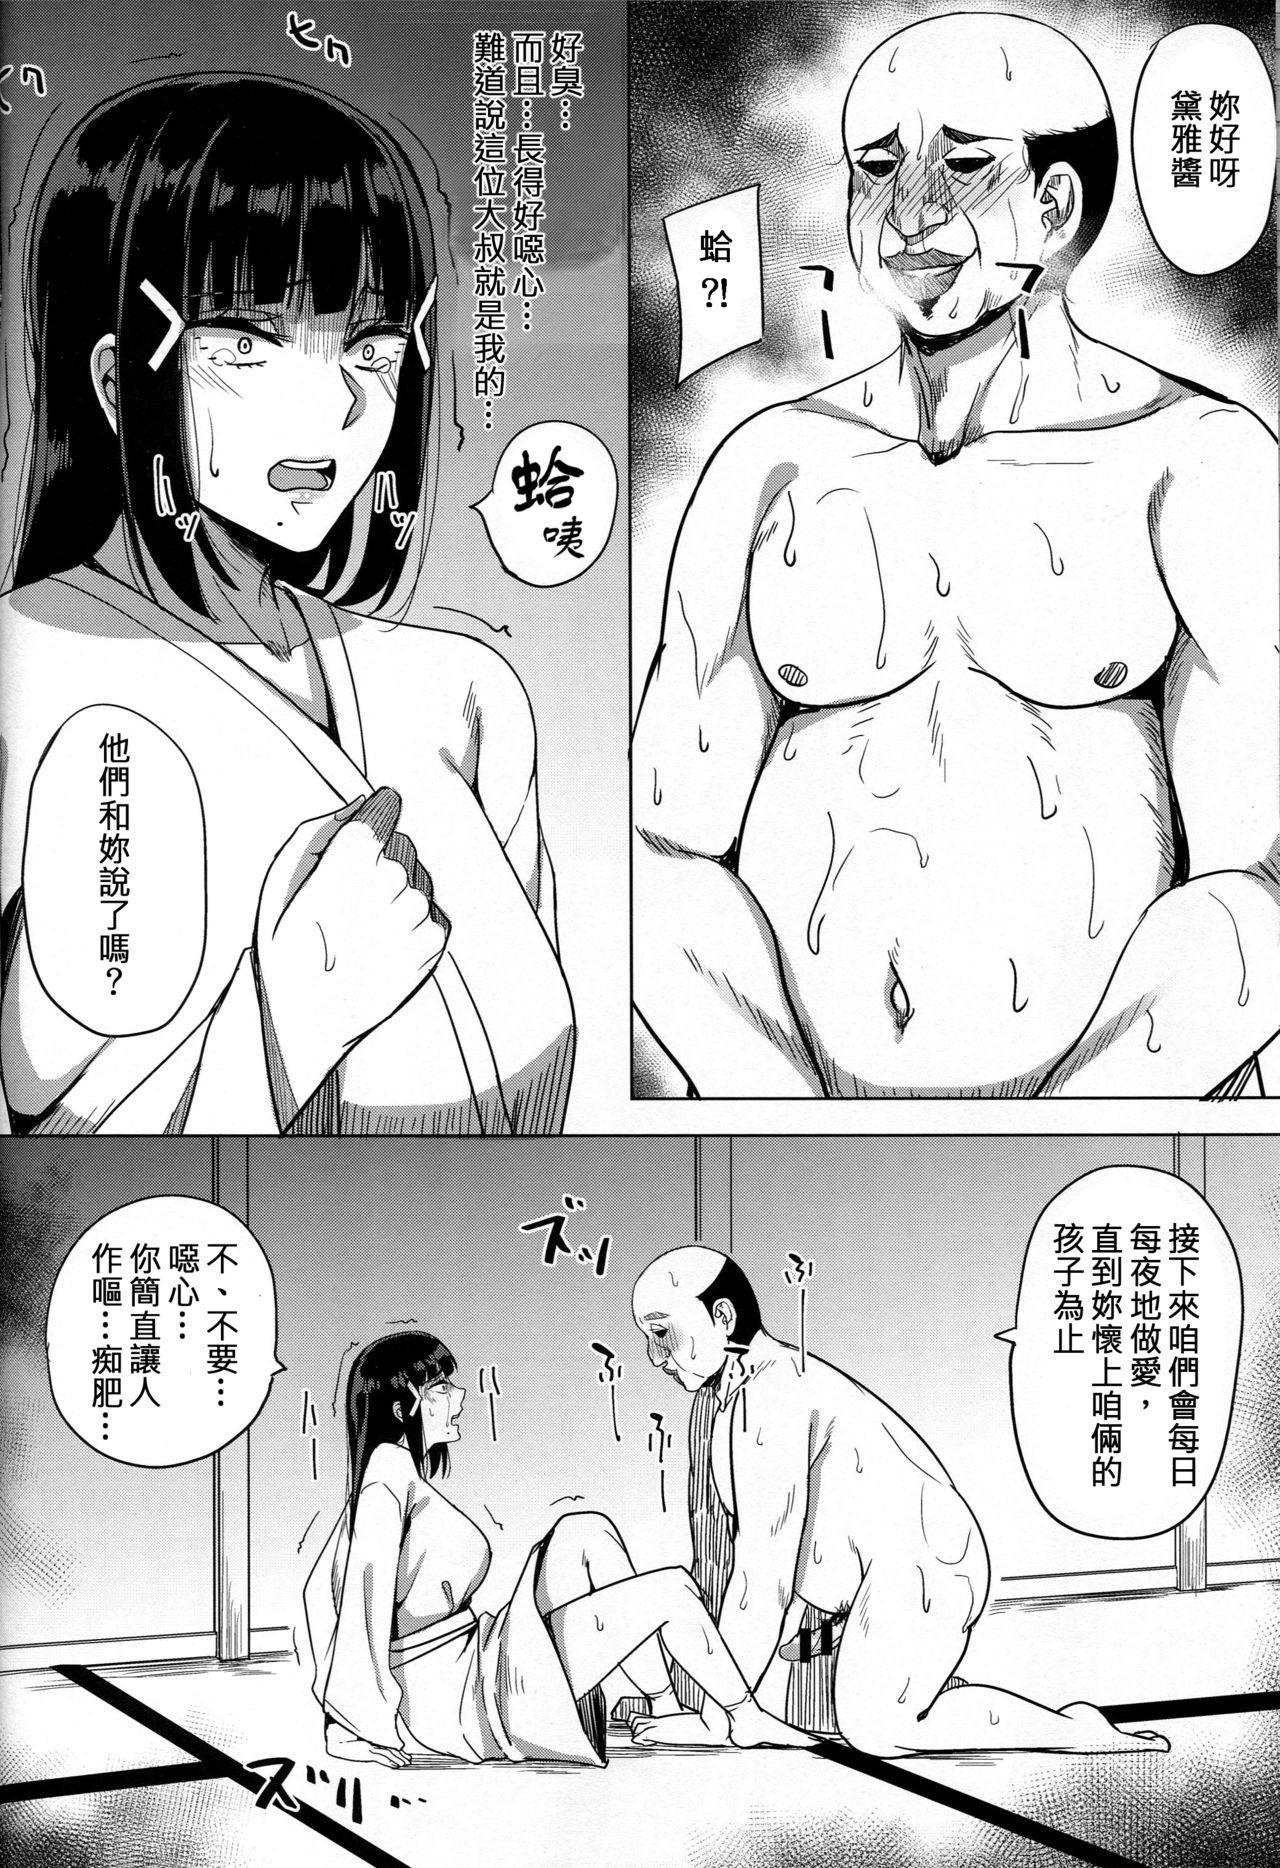 Kurosawa-ke no Inshuu 4